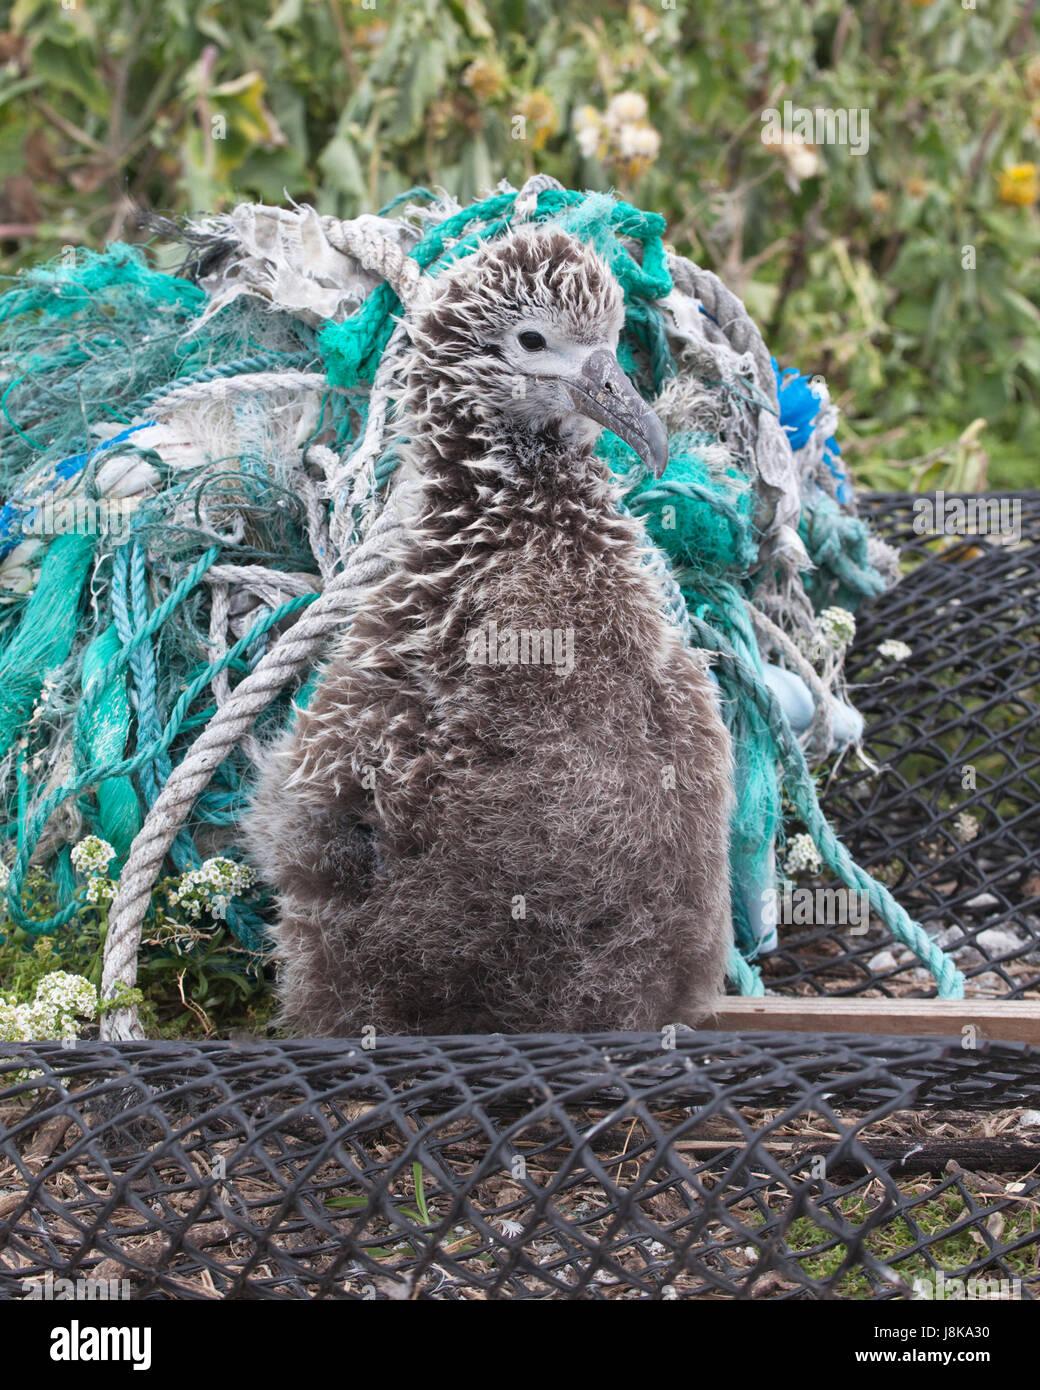 Albatros de Laysan chick y desechos marinos de plástico incluyendo cuerdas y redes fantasma arrastrado en una isla del Pacífico Norte Foto de stock